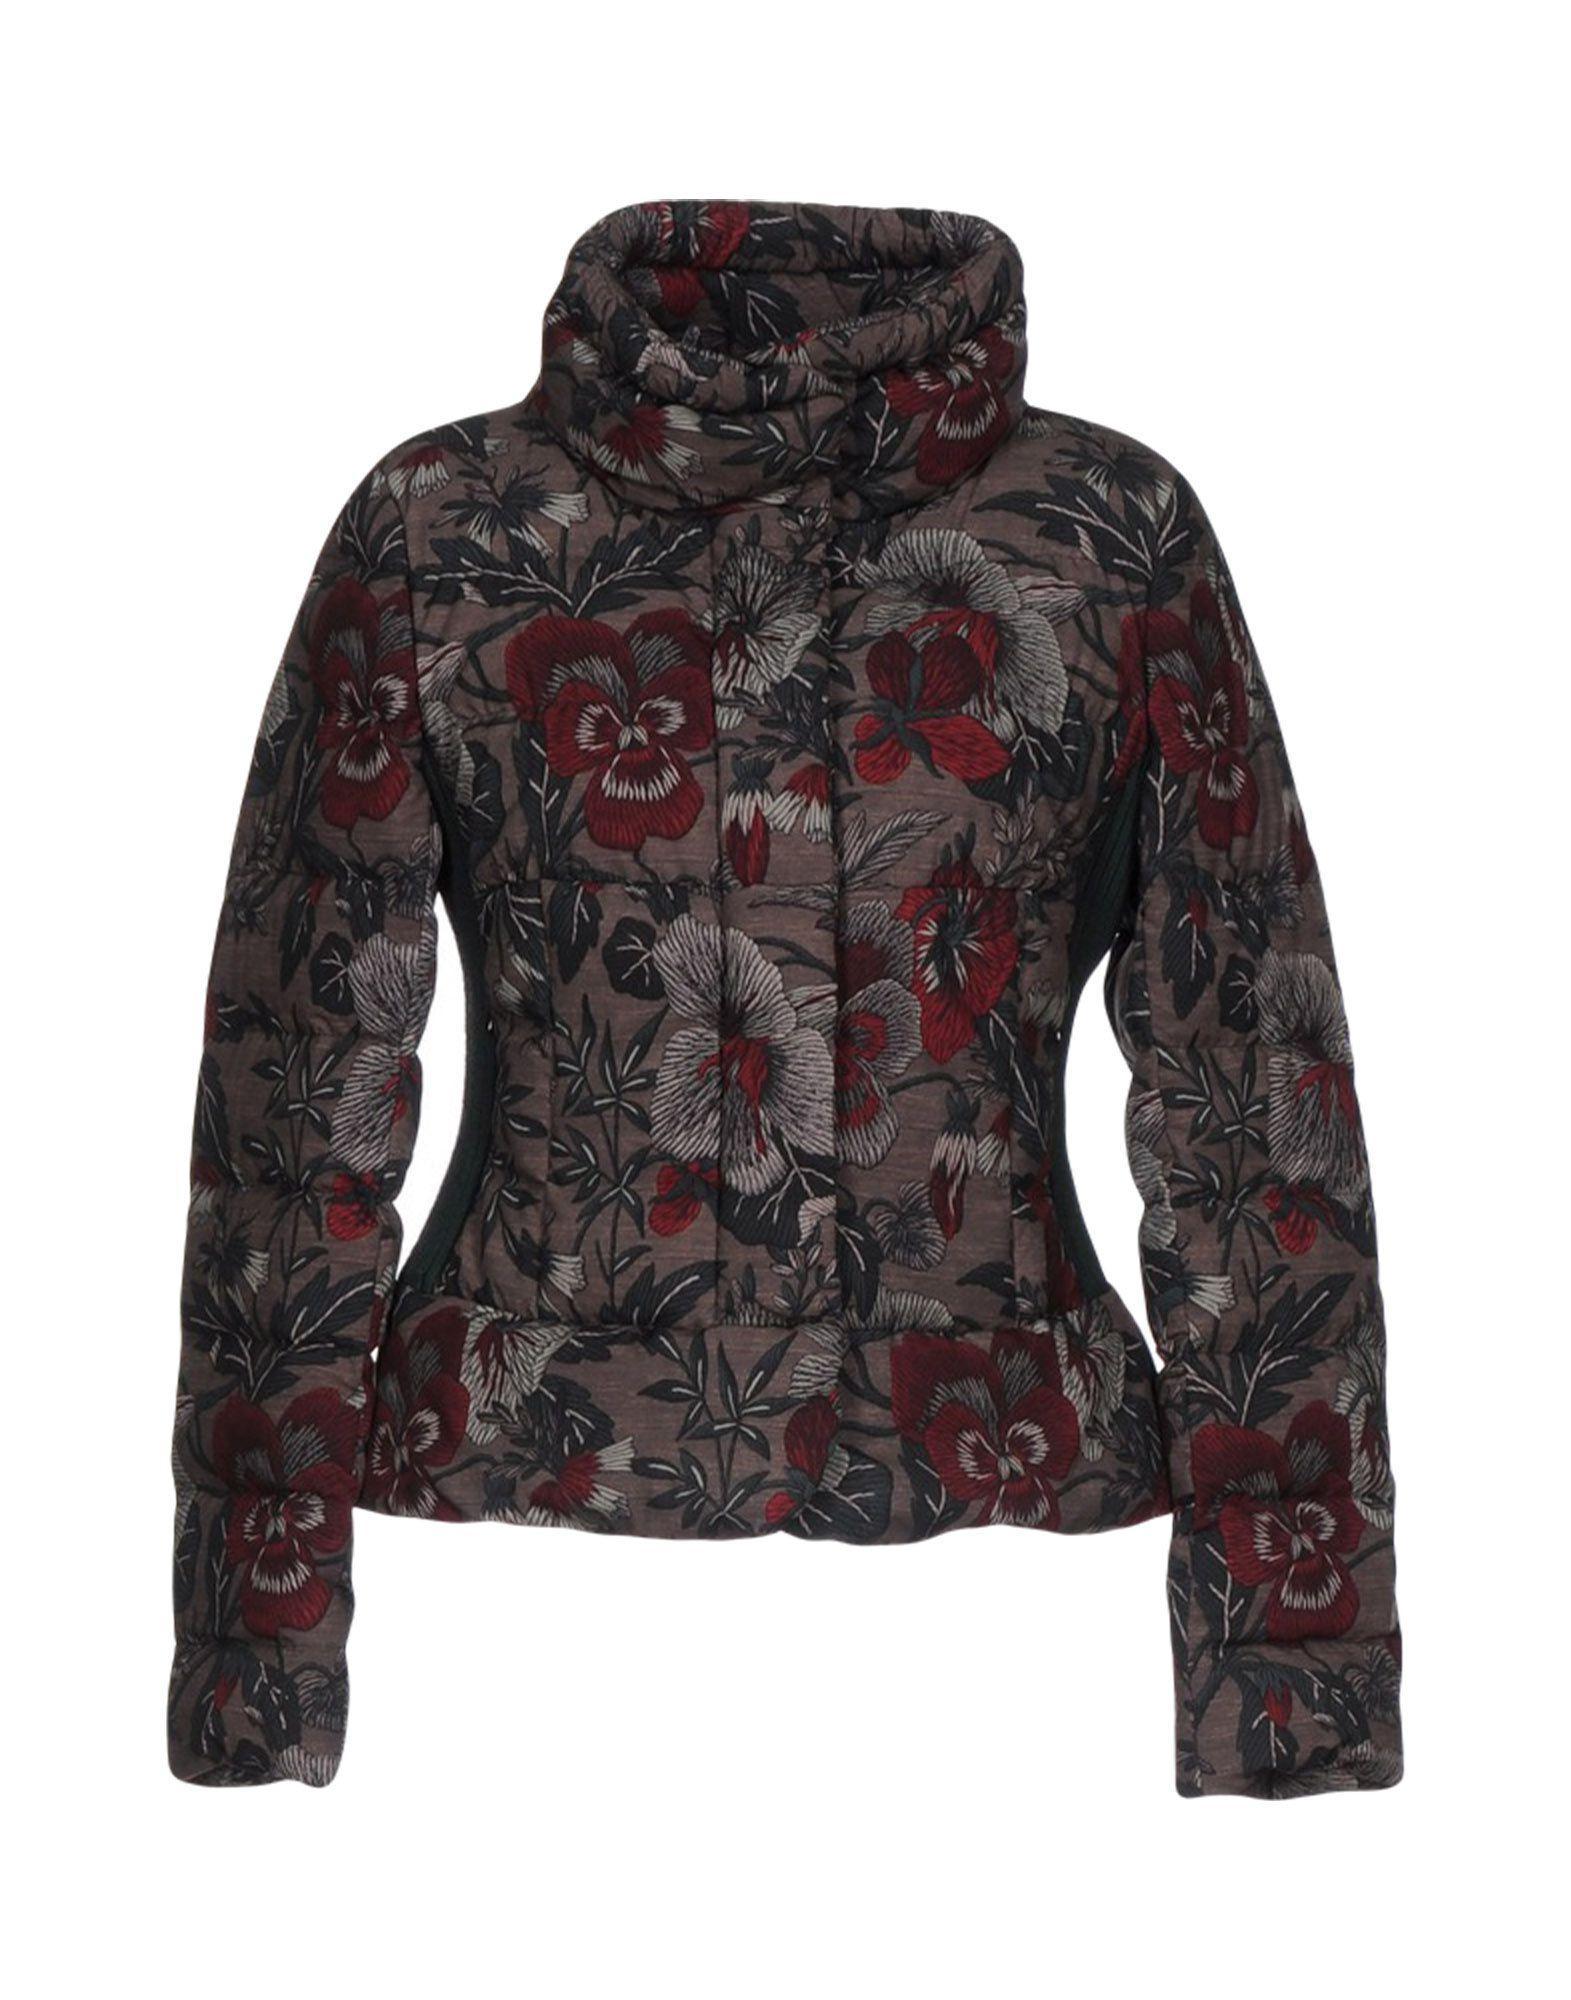 Bosideng Down Jackets In Khaki